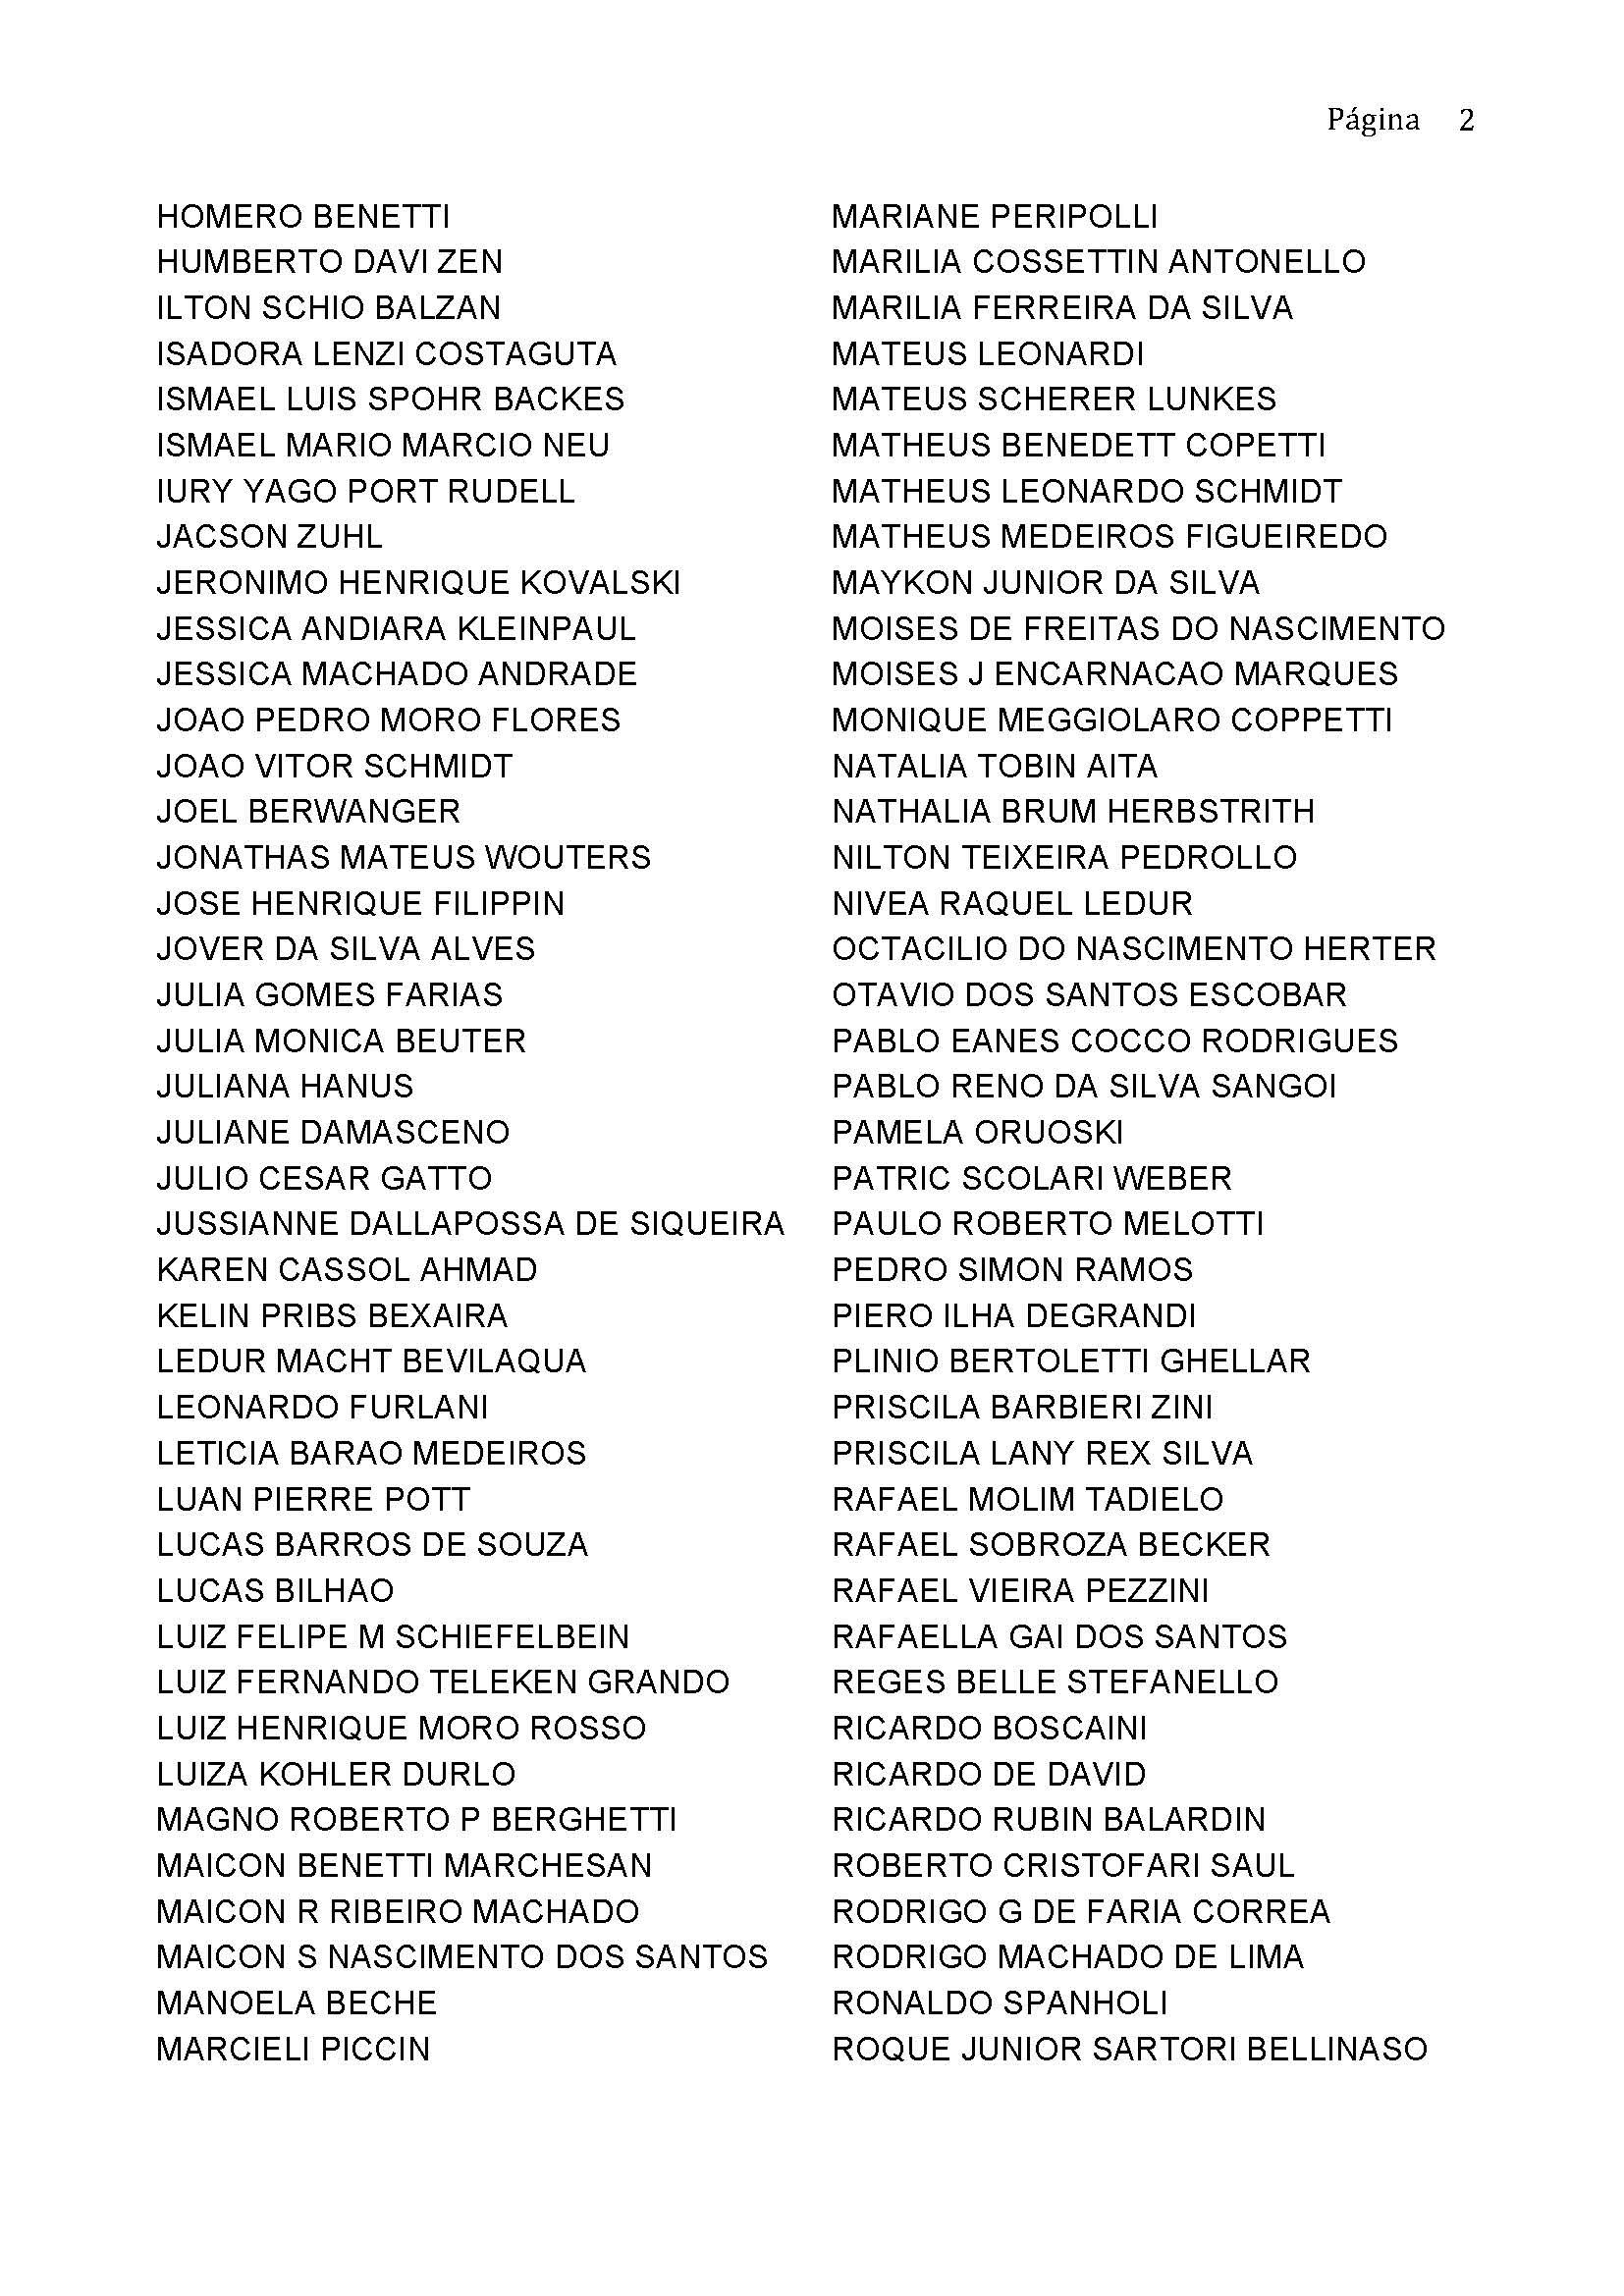 enade2016 selecionados enade Page 2